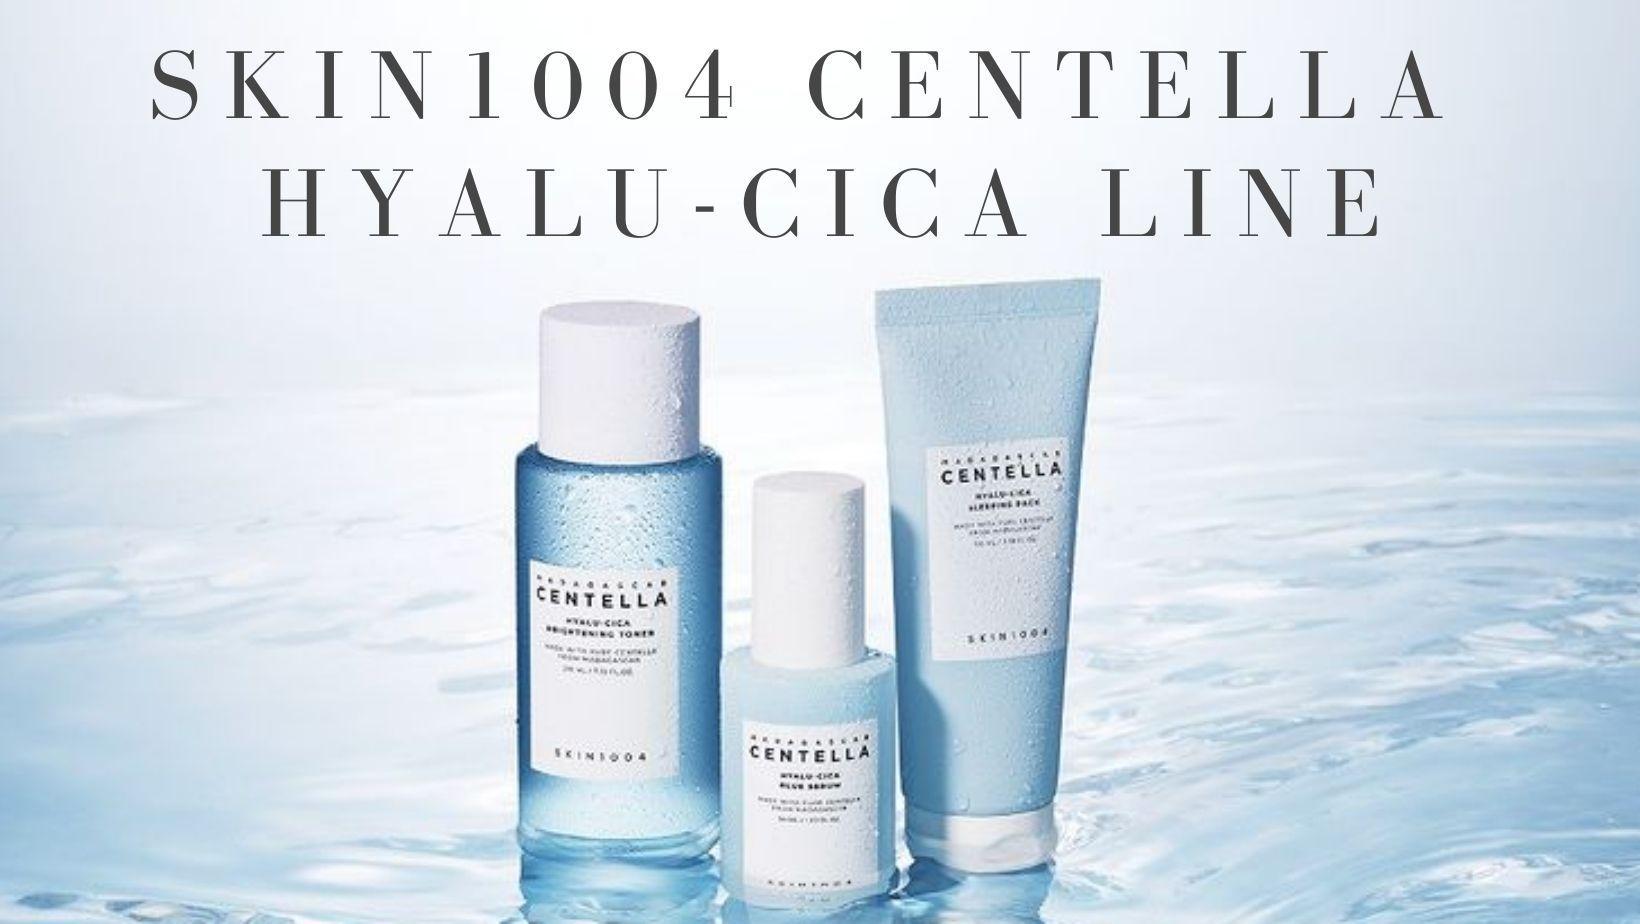 Review bộ sản phẩm Skin1004 Centella Hyalu-Cica: Cấp ẩm cực sâu, da sáng cực lâu - CHÂU STORE